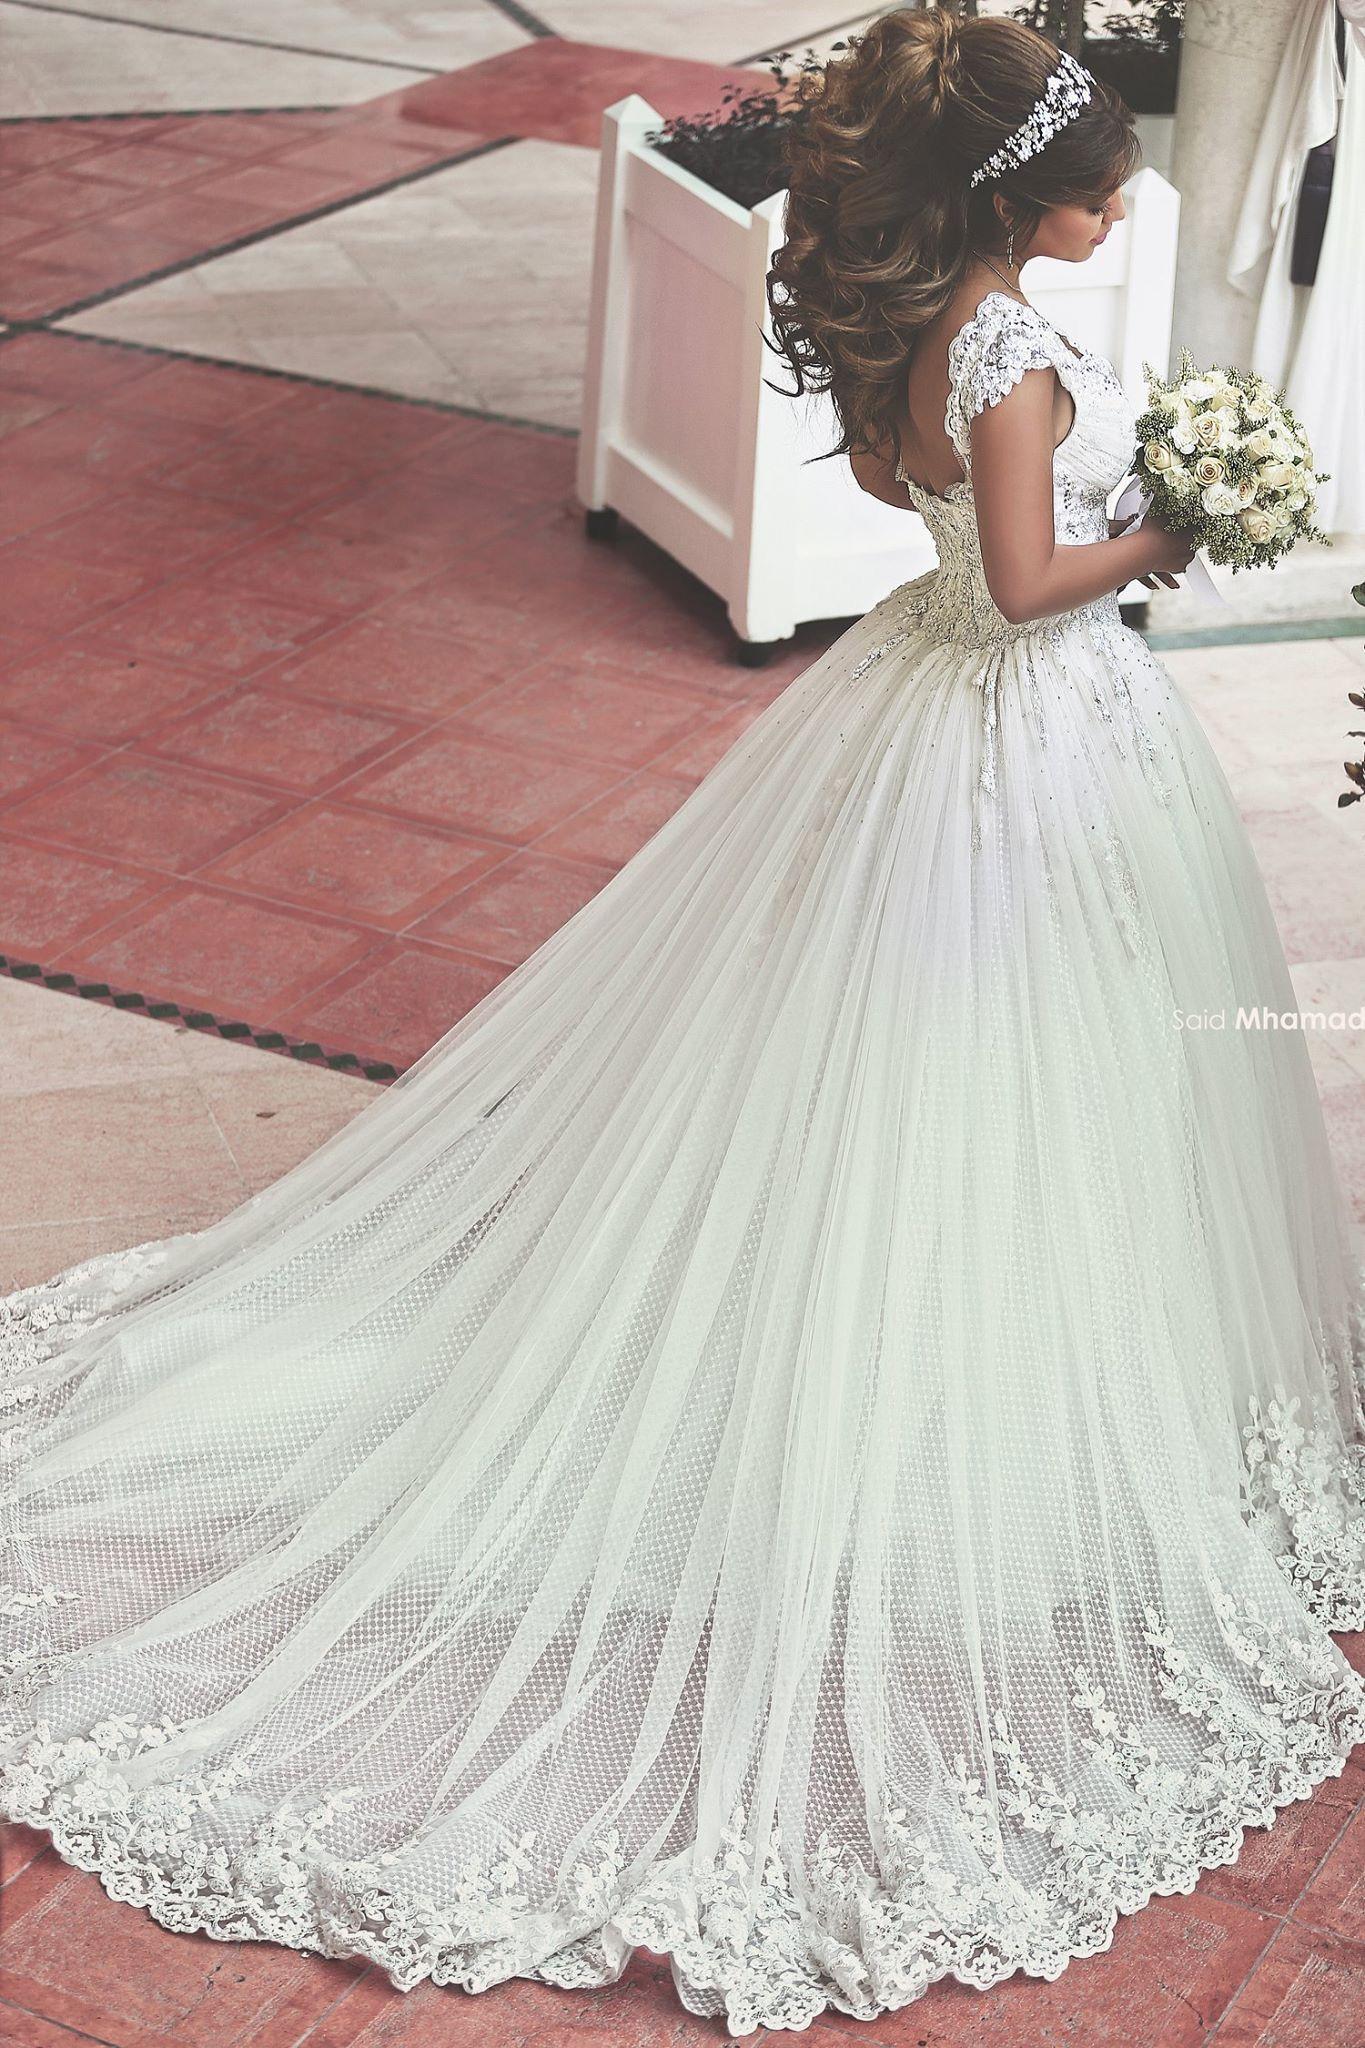 Long sleeve ball gown wedding dresses  I love the design of the bottom of the skirt  Dresses  Pinterest